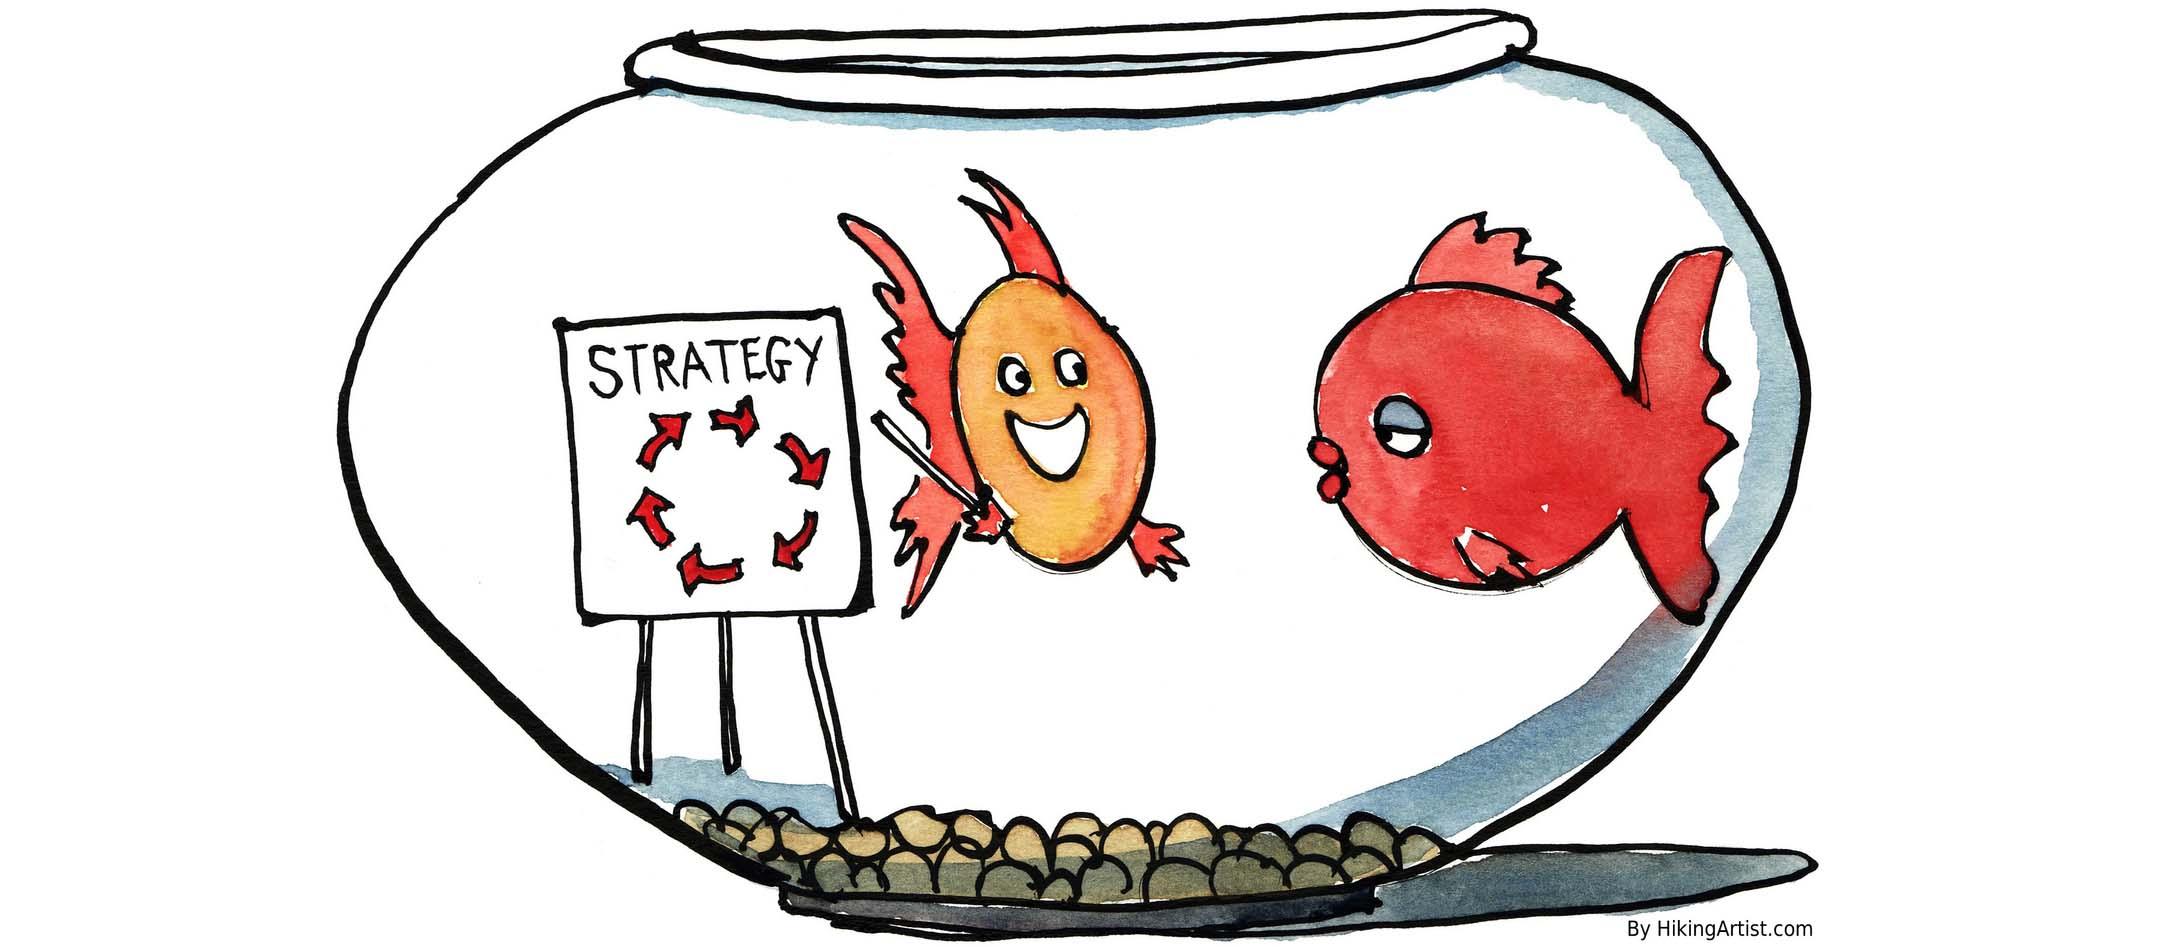 Что такое бизнес стратегия? Её цели и задачи